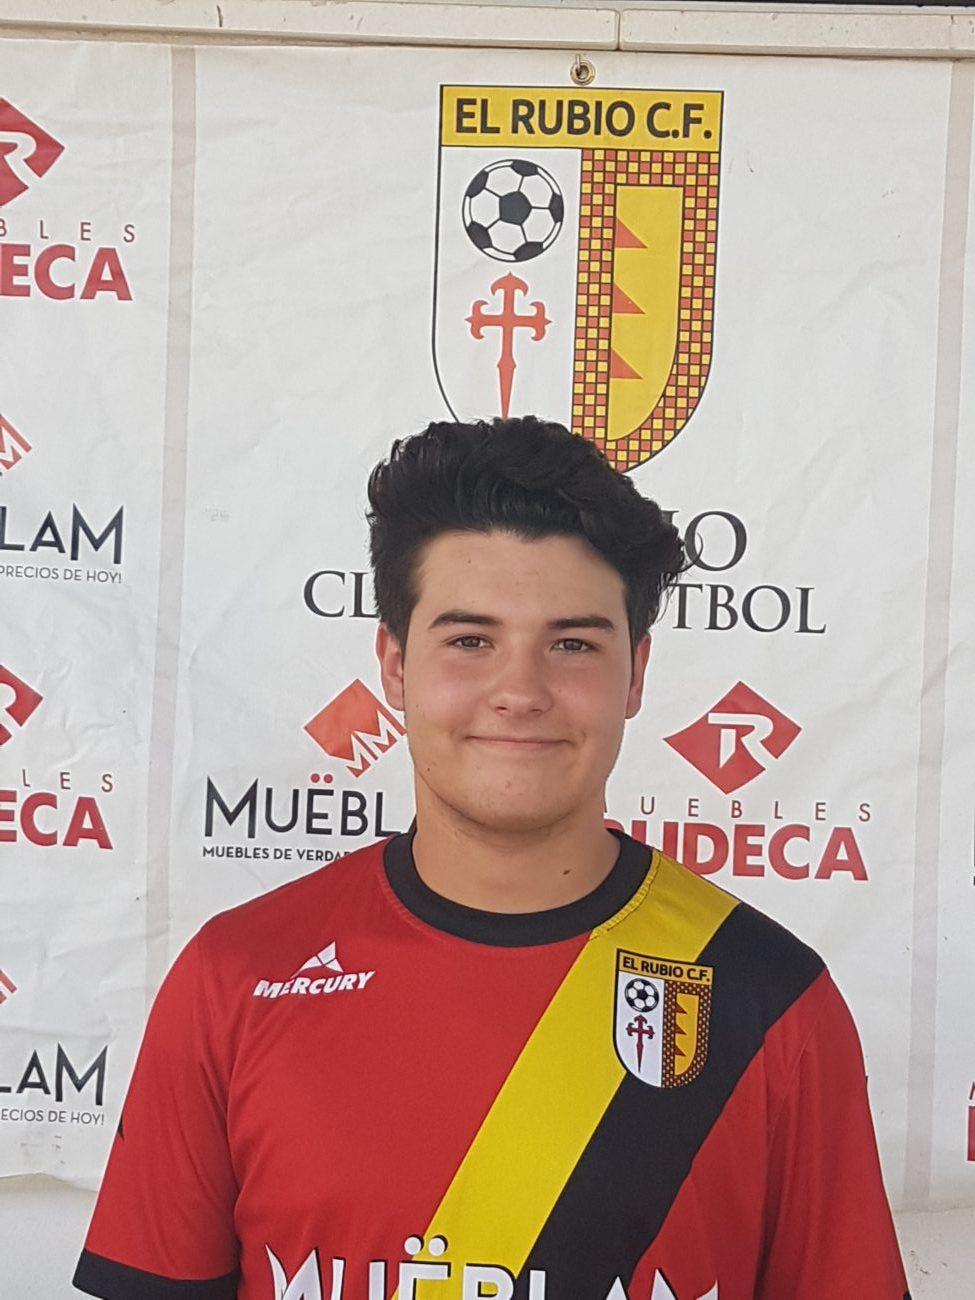 El Rubio Cf Juvenil El Rubio Club De Futbol # Muebles Mueblam